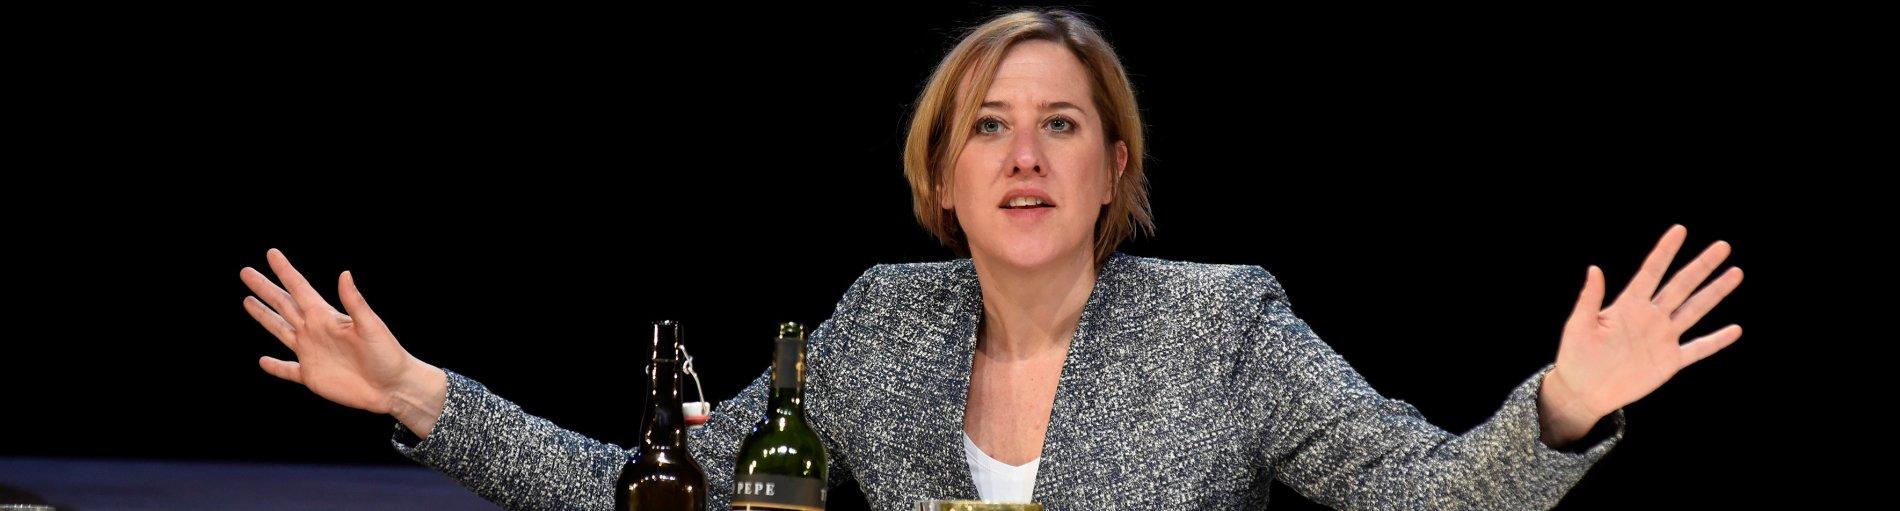 Eine Schauspielerin sitzt an einem Tisch mit einigen Weinflaschen und Trinkgläsern und hebt die Hände in die Luft.